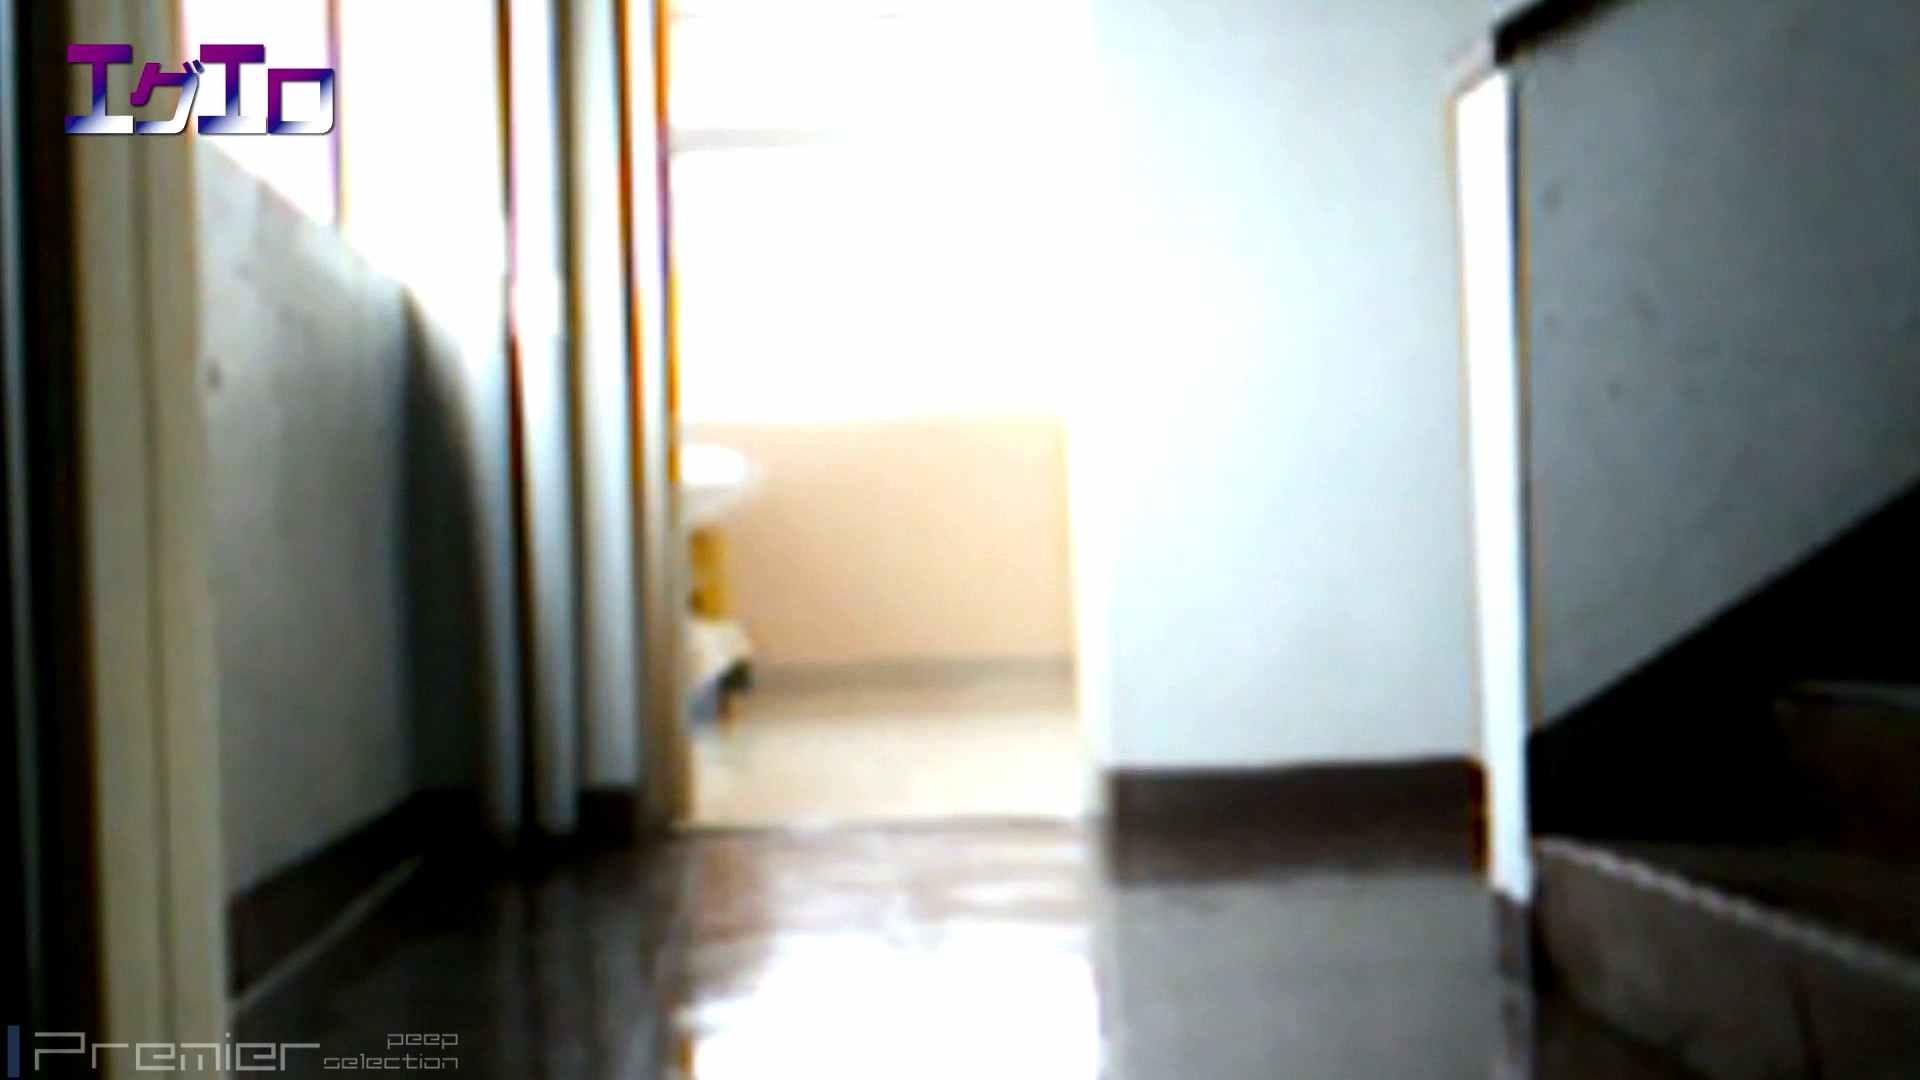 至近距離洗面所 Vol.10ブルージーンズギャルの大放nyo OL女体 | 洗面所  96連発 10